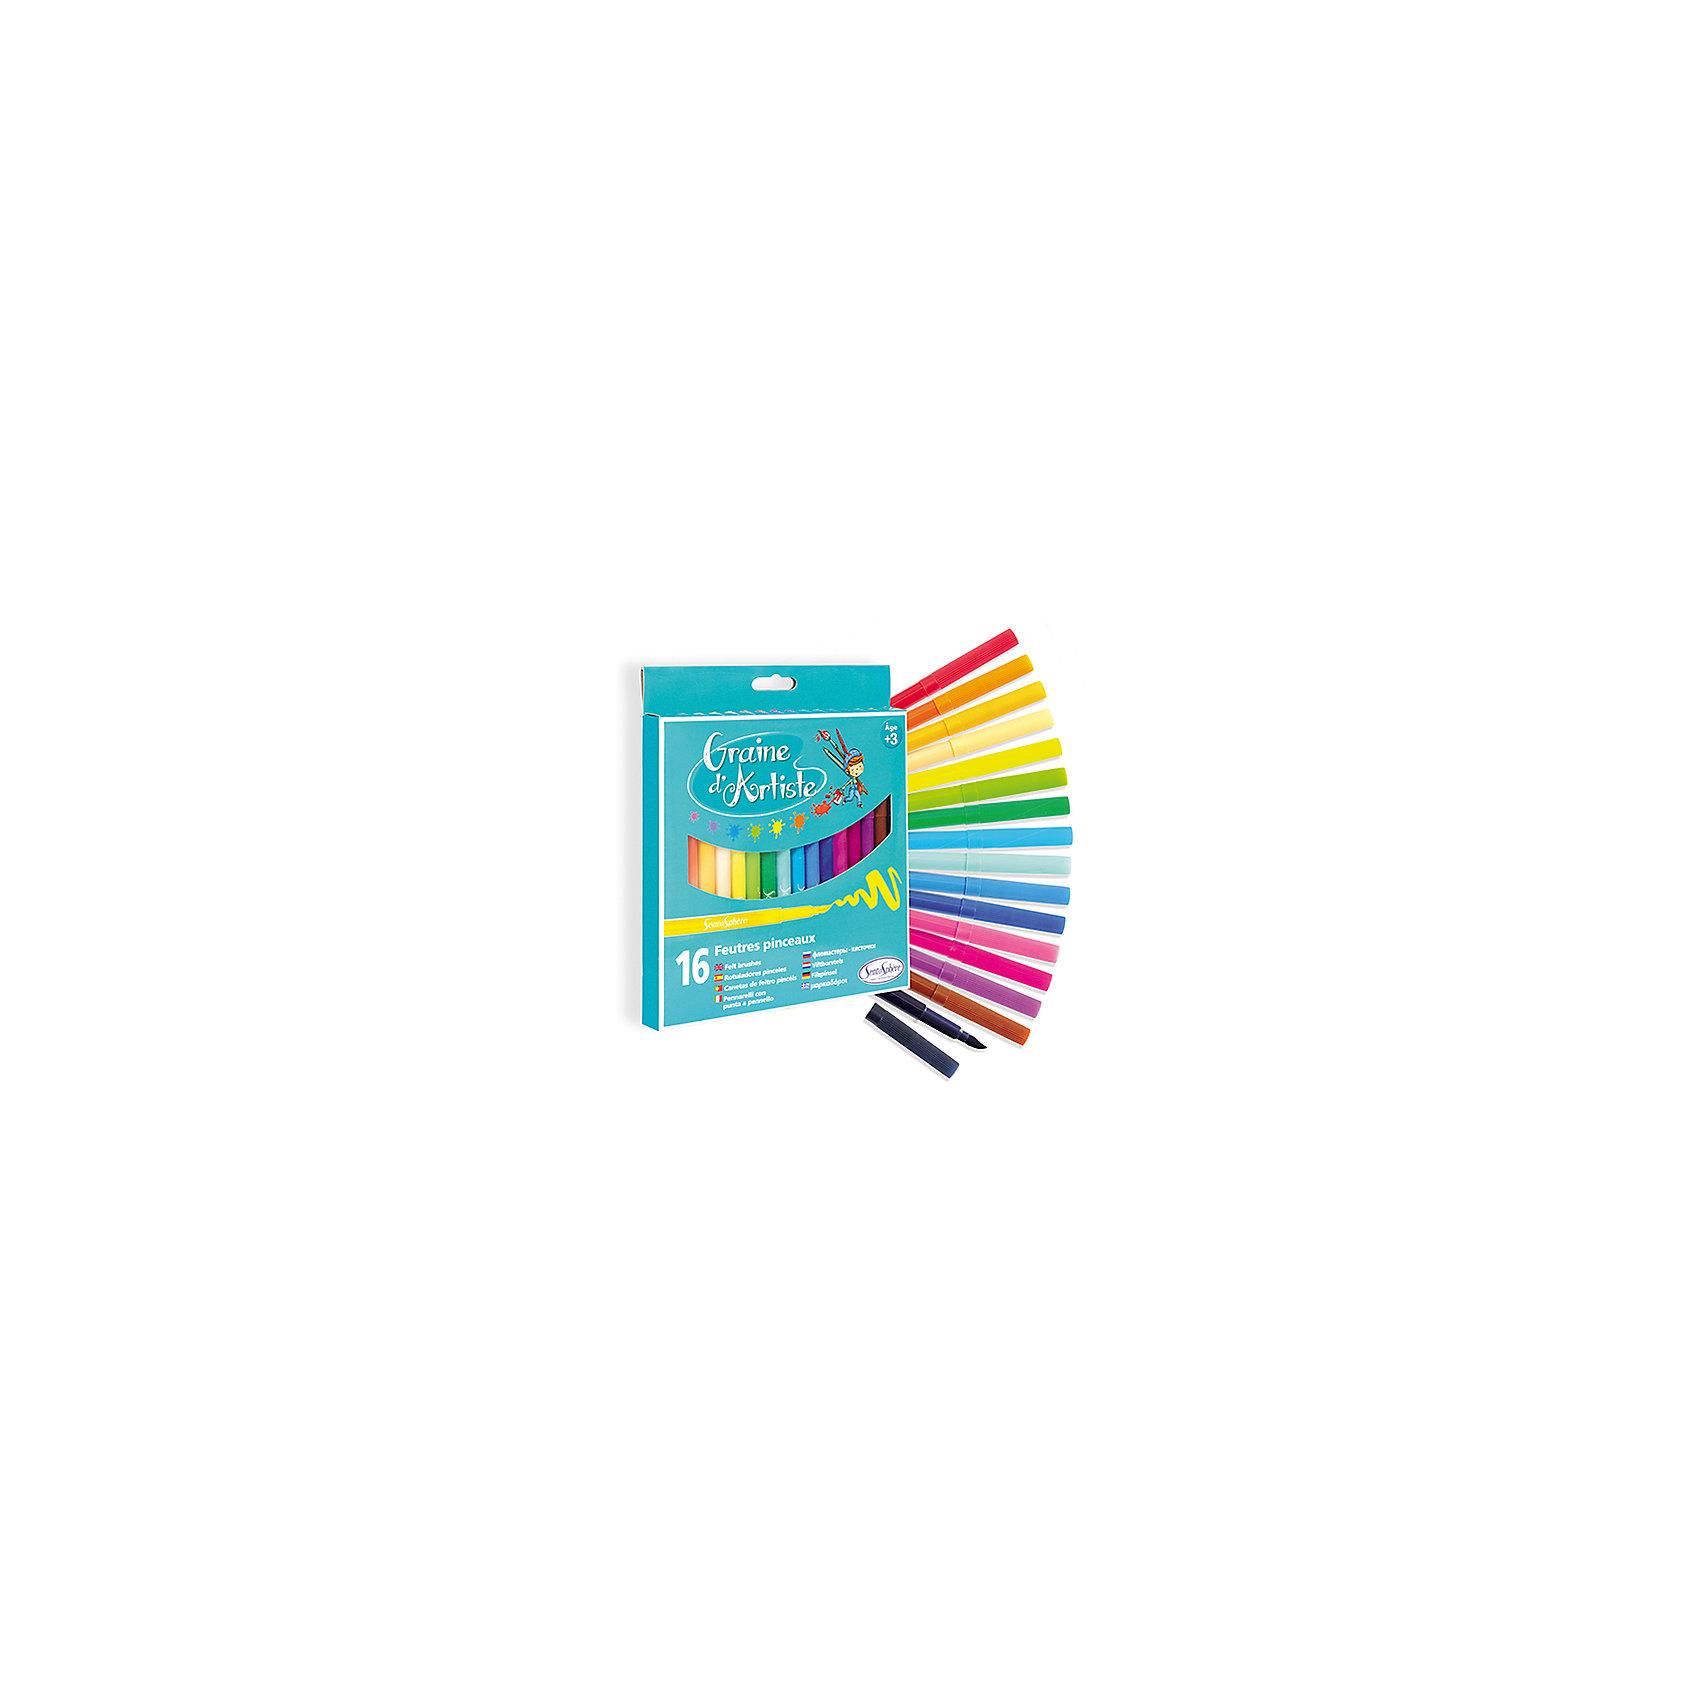 Фломастеры, 16 штФломастеры<br>Фломастеры, 16 шт <br>Фломастеры непременно порадуют юного художника. В набор входит 16 качественных фломастеров ярких цветов, подходящих для рисования на различных поверхностях. Прочный гибкий наконечник имеет особую текстуру, выдерживает большое давление и позволяет работать с фломастерами, как с кисточкой. Он оставляет насыщенный след, который можно размыть влажной кистью для создания полутонов и плавных переходов. Фломастеры легко смываются водой с рук и одежды и отмываются с бытовых поверхностей. Рисуя фломастерами, ребенок развивает воображение, творческие способности, координацию движений и мелкую моторику рук.<br><br>Дополнительная информация:<br><br>- Возраст: от 3 лет<br>- В наборе: 16 ярких разноцветных фломастеров<br>- Упаковка: картонная коробка с европодвесом<br>- Размер упаковки: 17,5х27,5х1,5 см.<br><br>Фломастеры, 16 шт можно купить в нашем интернет-магазине.<br><br>Ширина мм: 175<br>Глубина мм: 275<br>Высота мм: 15<br>Вес г: 100<br>Возраст от месяцев: 36<br>Возраст до месяцев: 192<br>Пол: Унисекс<br>Возраст: Детский<br>SKU: 4918826